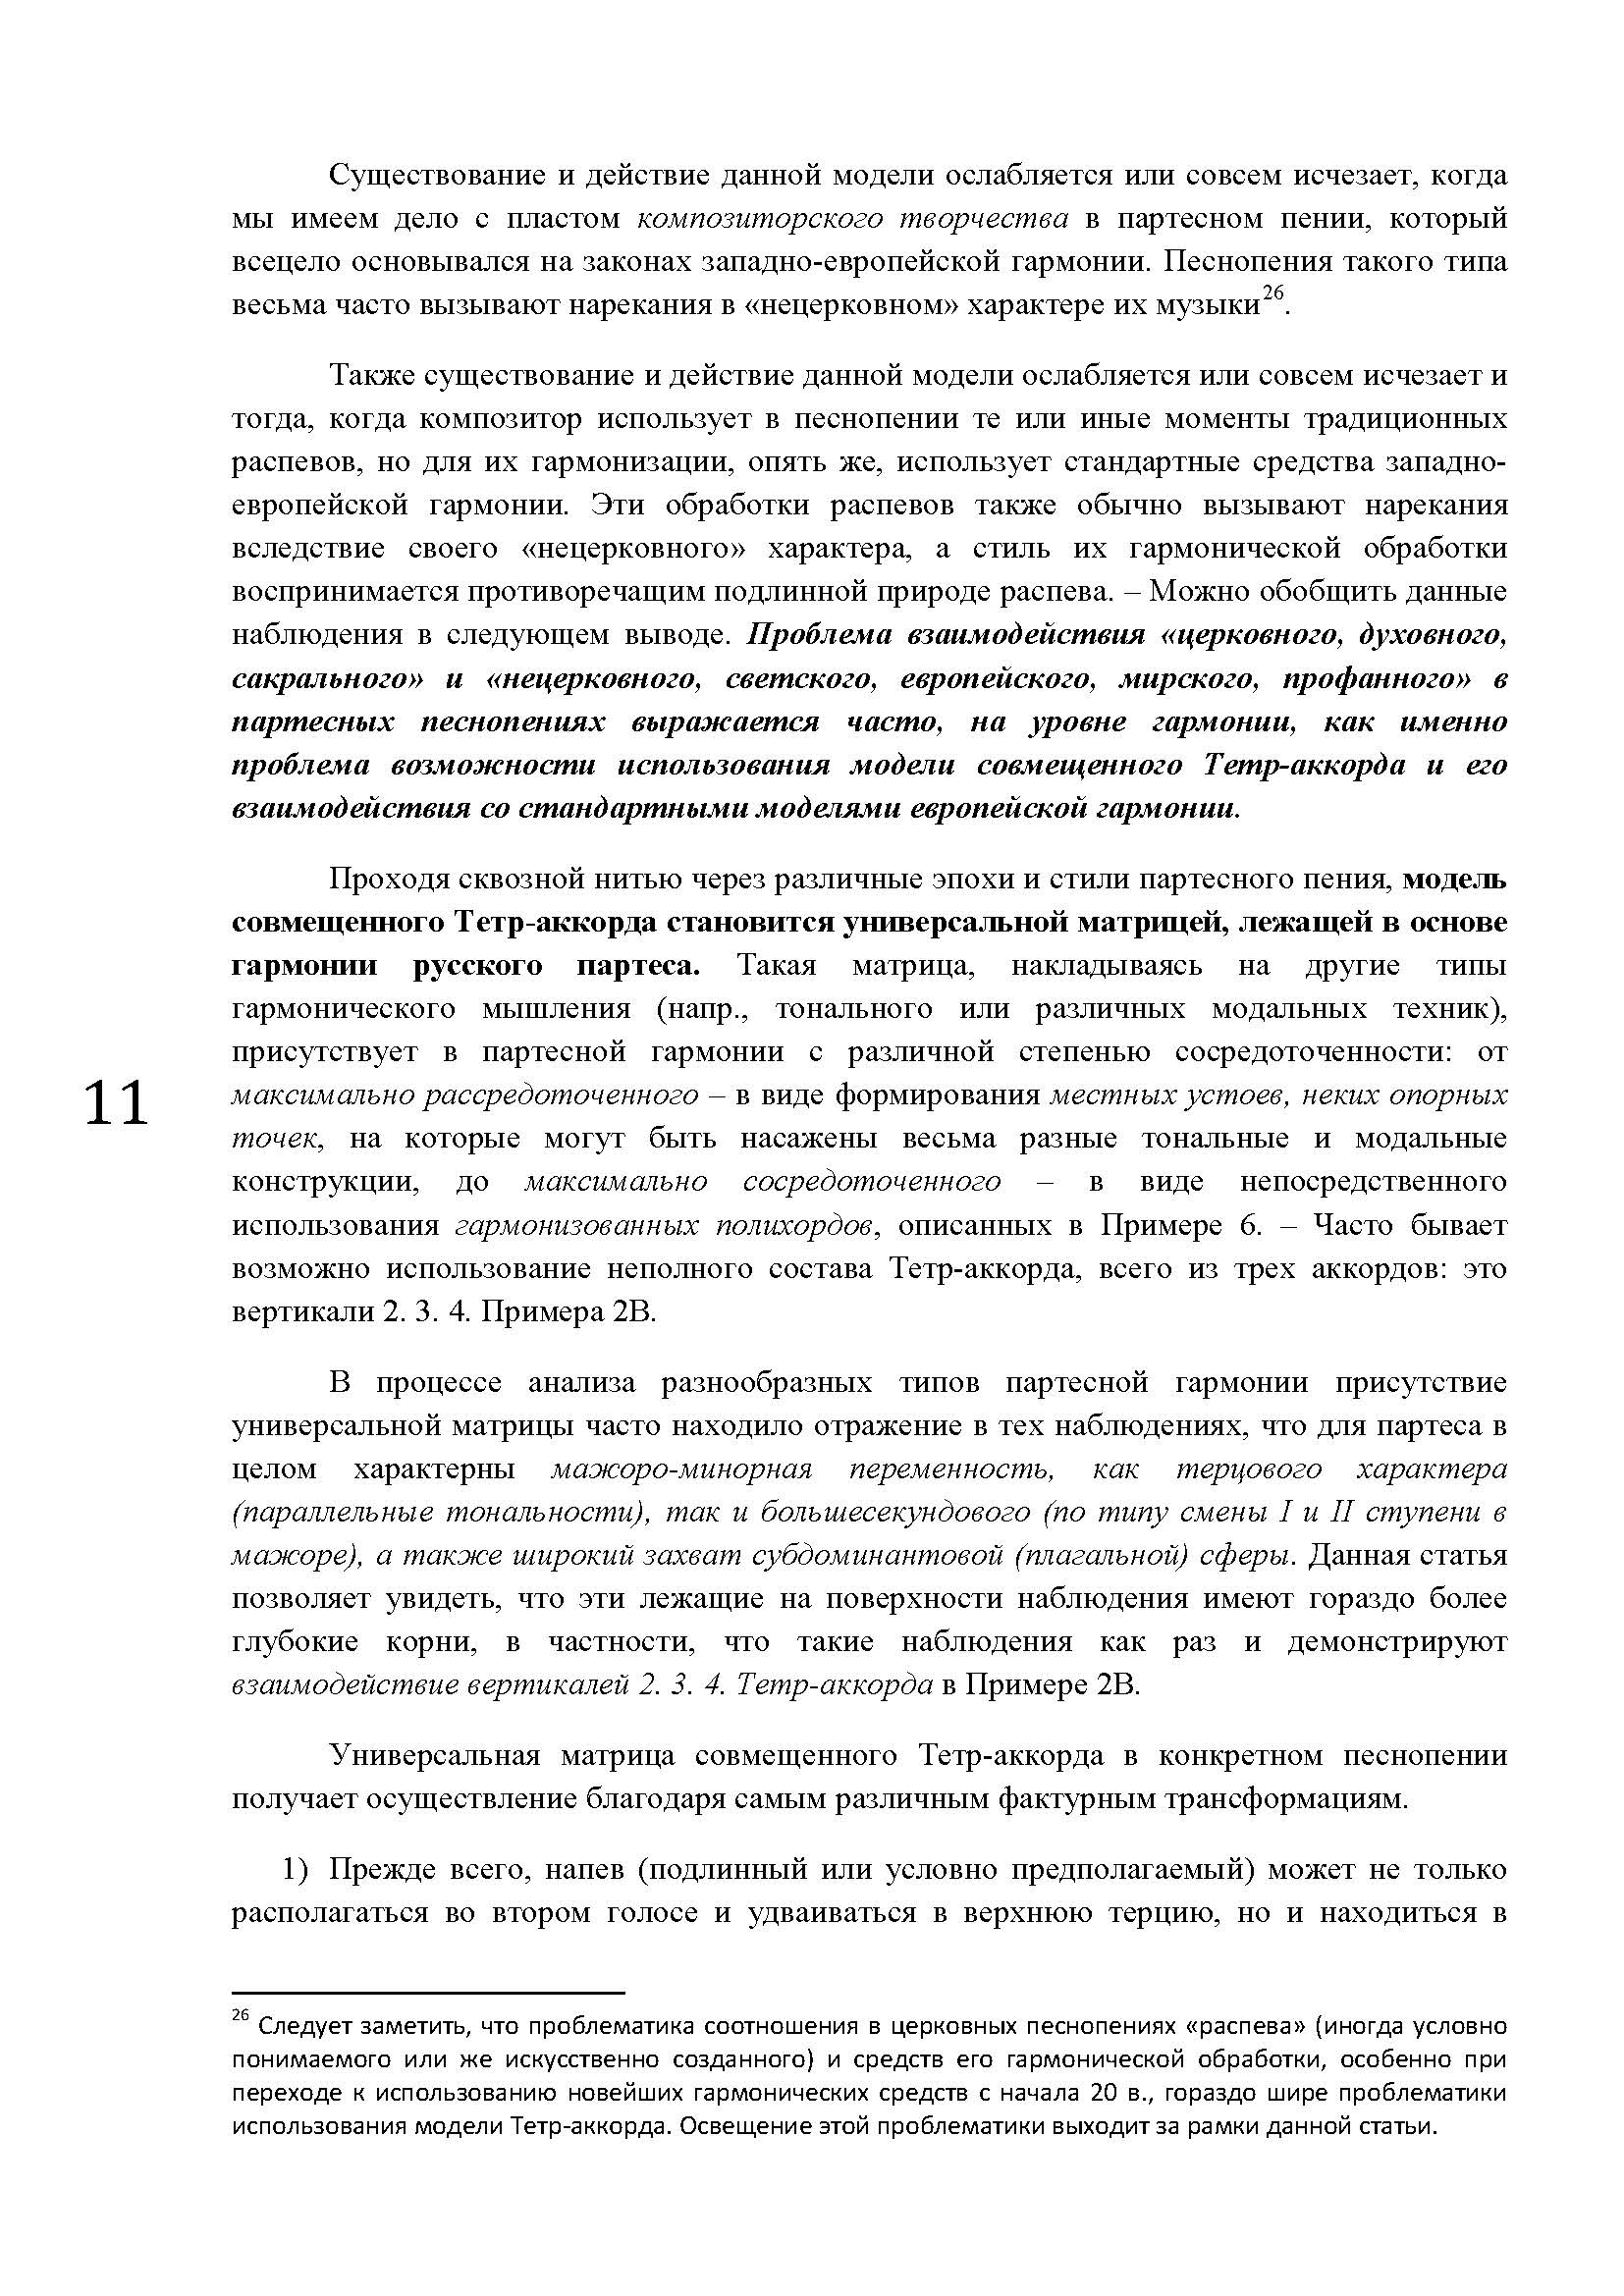 О.ФИЛИПП_ГАРМОНИЯ_ПАРТЕСНОГО_ПЕНИЯ_+_Страница_11